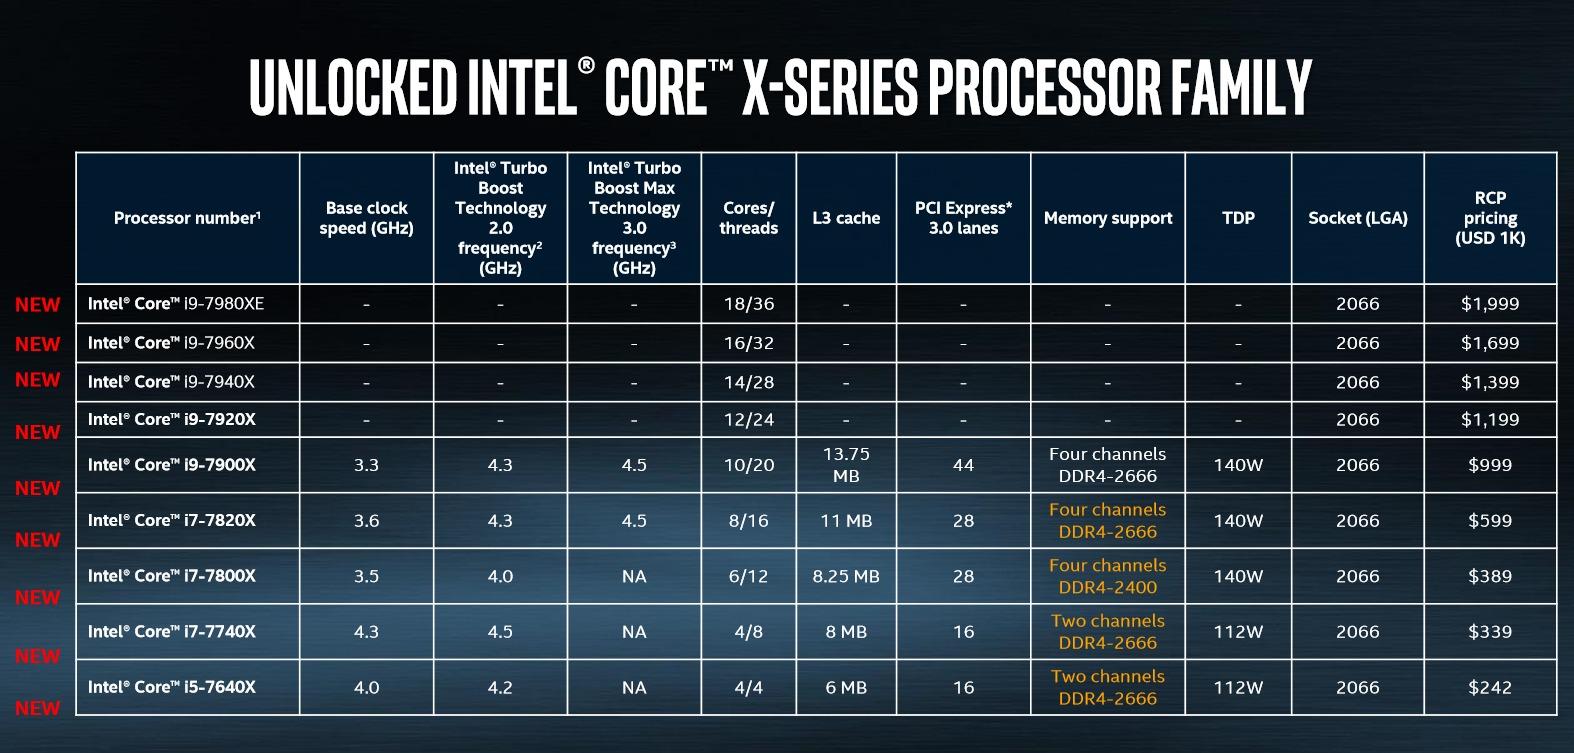 인텔은 자사 12코어 이상 CPU의 최종 클럭 속도는 공개하지 않았다.